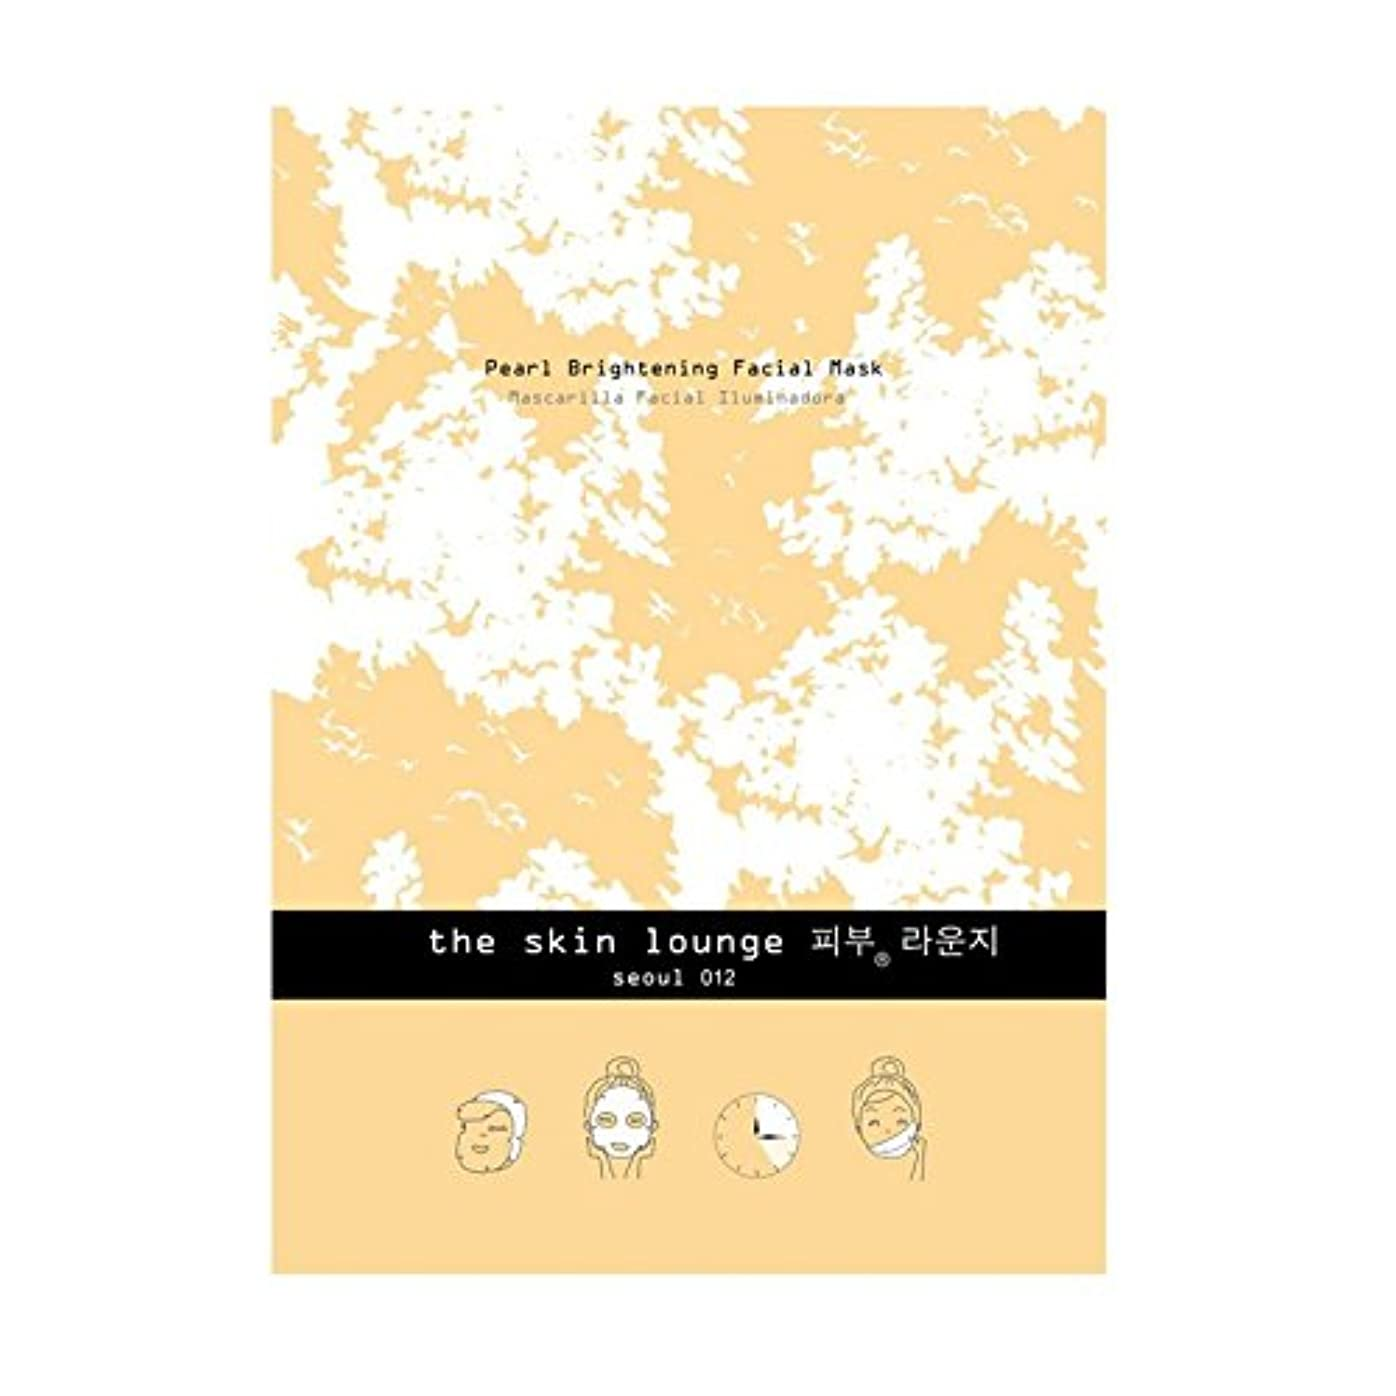 人道的ゲインセイ不潔The Skin Lounge Pearl Brightening Single Cellulose Mask - 単一セルロースマスクを明るく皮膚ラウンジ真珠 [並行輸入品]